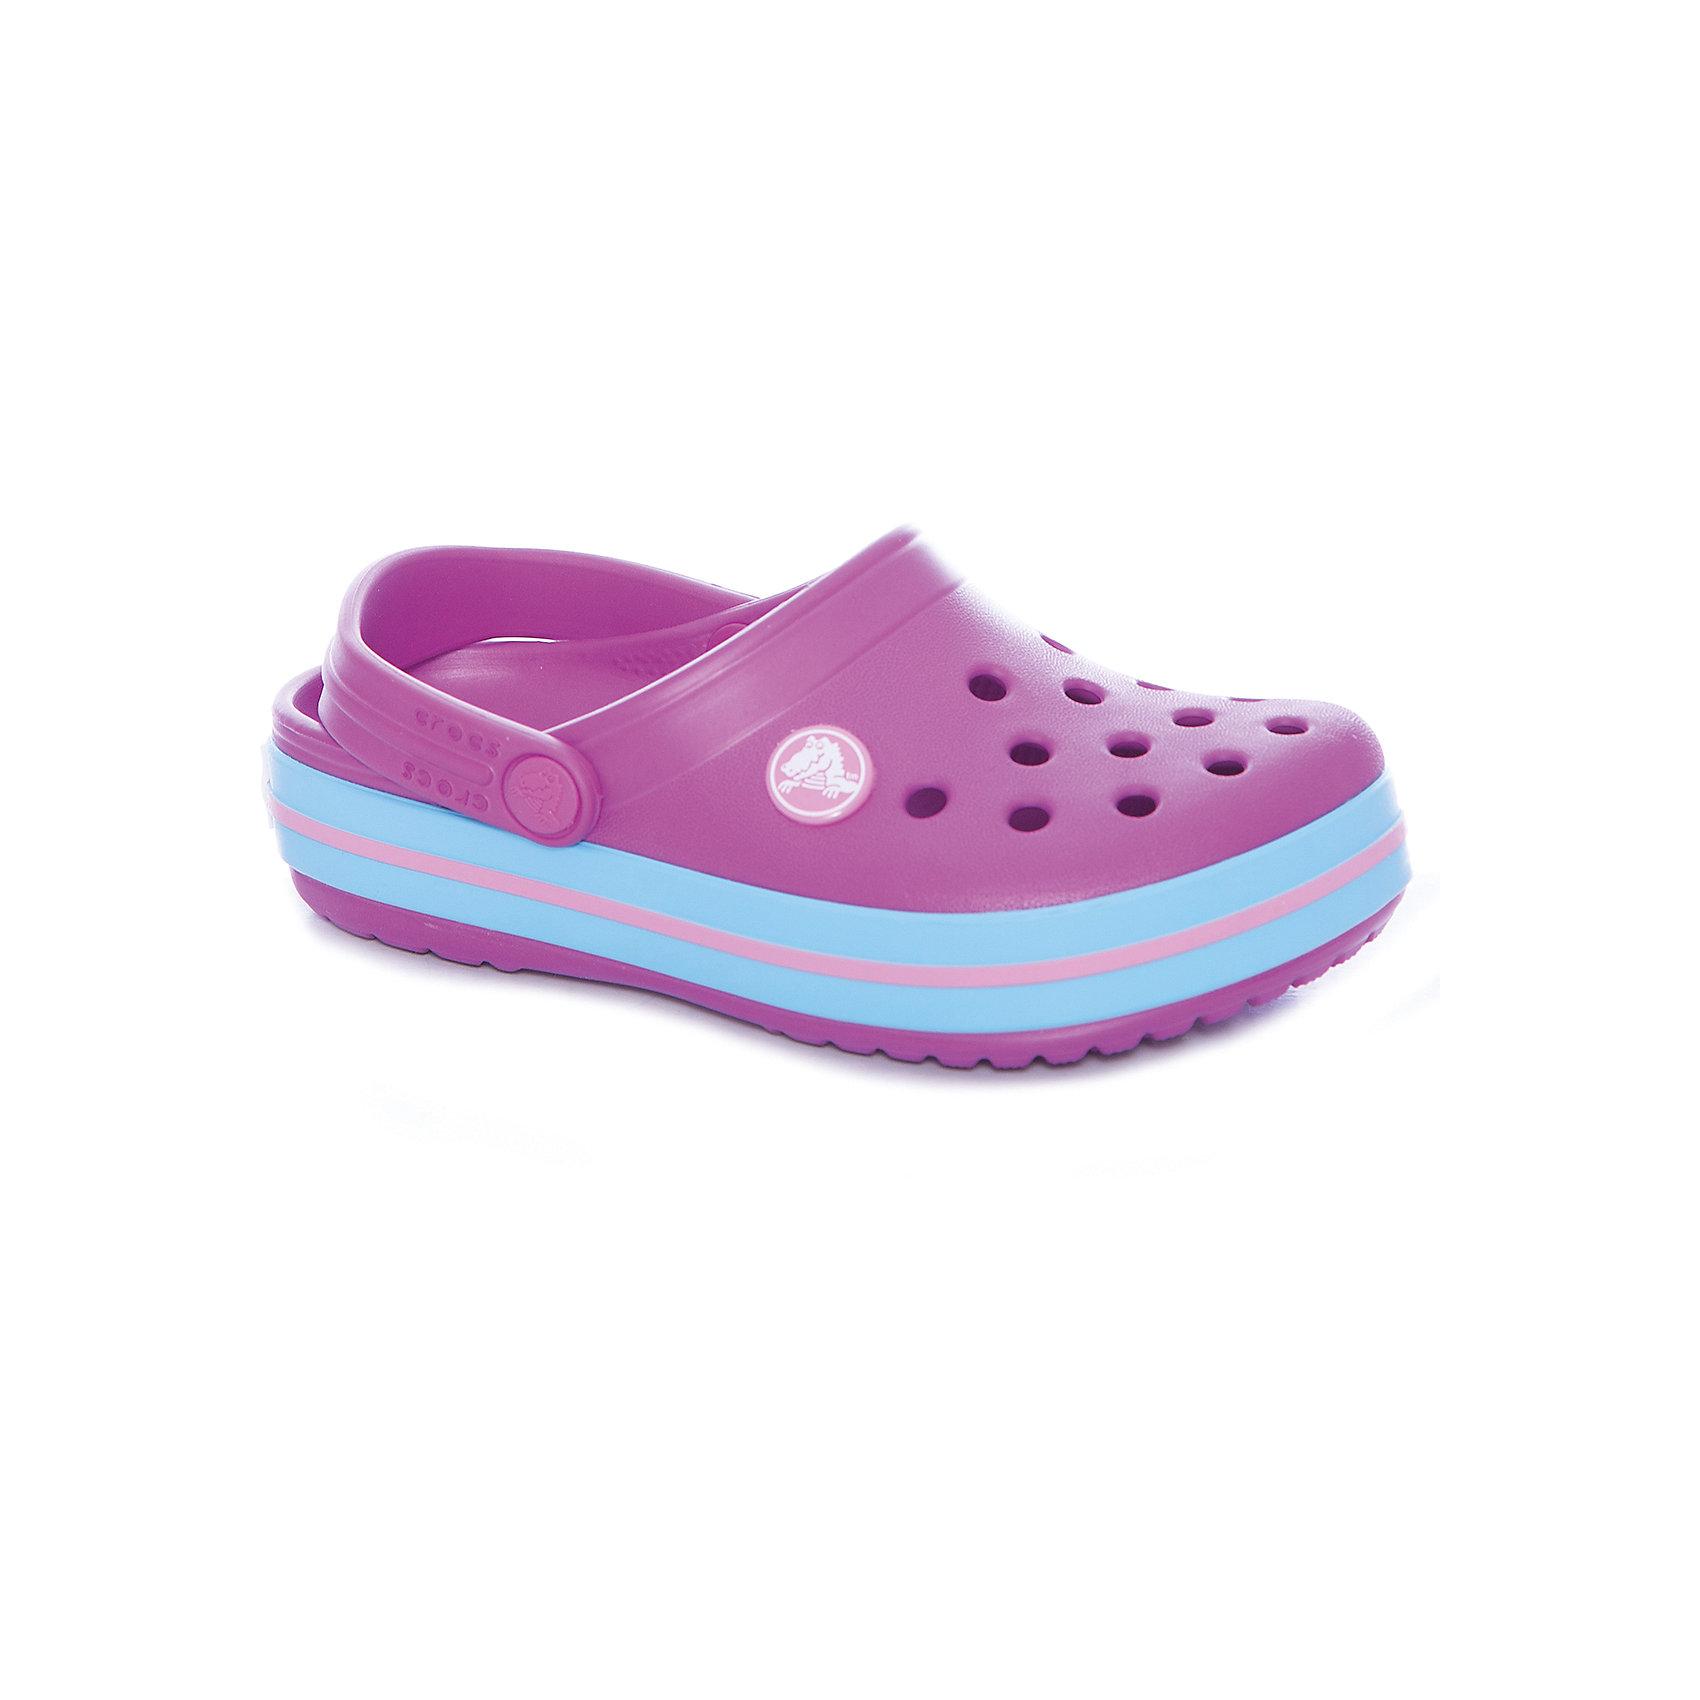 Сабо Crocband™ clog, фиолетовыйПляжная обувь<br>Характеристики товара:<br><br>• цвет: фиолетовый<br>• сезон: лето<br>• материал: 100% полимер Croslite™<br>• литая модель<br>• вентиляционные отверстия<br>• бактериостатичный материал<br>• пяточный ремешок фиксирует стопу<br>• толстая устойчивая подошва<br>• отверстия для использования украшений<br>• анатомическая стелька с массажными точками стимулирует кровообращение<br>• страна бренда: США<br>• страна изготовитель: Китай<br><br>Для правильного развития ребенка крайне важно, чтобы обувь была удобной. <br><br>Такие сабо обеспечивают детям необходимый комфорт, а анатомическая стелька с массажными линиями для стимуляции кровообращения позволяет ножкам дольше не уставать. <br><br>Сабо легко надеваются и снимаются, отлично сидят на ноге. <br><br>Материал, из которого они сделаны, не дает размножаться бактериям, поэтому такая обувь препятствует образованию неприятного запаха и появлению болезней стоп.<br><br>Обувь от американского бренда Crocs в данный момент завоевала широкую популярность во всем мире, и это не удивительно - ведь она невероятно удобна. <br><br>Её носят врачи, спортсмены, звёзды шоу-бизнеса, люди, которым много времени приходится бывать на ногах - они понимают, как важна комфортная обувь. <br><br>Продукция Crocs - это качественные товары, созданные с применением новейших технологий. <br><br>Обувь отличается стильным дизайном и продуманной конструкцией. <br><br>Изделие производится из качественных и проверенных материалов, которые безопасны для детей.<br><br>Сабо Crocband™ clog от торговой марки Crocs можно купить в нашем интернет-магазине.<br><br>Ширина мм: 225<br>Глубина мм: 139<br>Высота мм: 112<br>Вес г: 290<br>Цвет: лиловый<br>Возраст от месяцев: 36<br>Возраст до месяцев: 48<br>Пол: Унисекс<br>Возраст: Детский<br>Размер: 27,34/35,33/34,28,29,30,21,22,23,24,25,26,31/32<br>SKU: 5416524